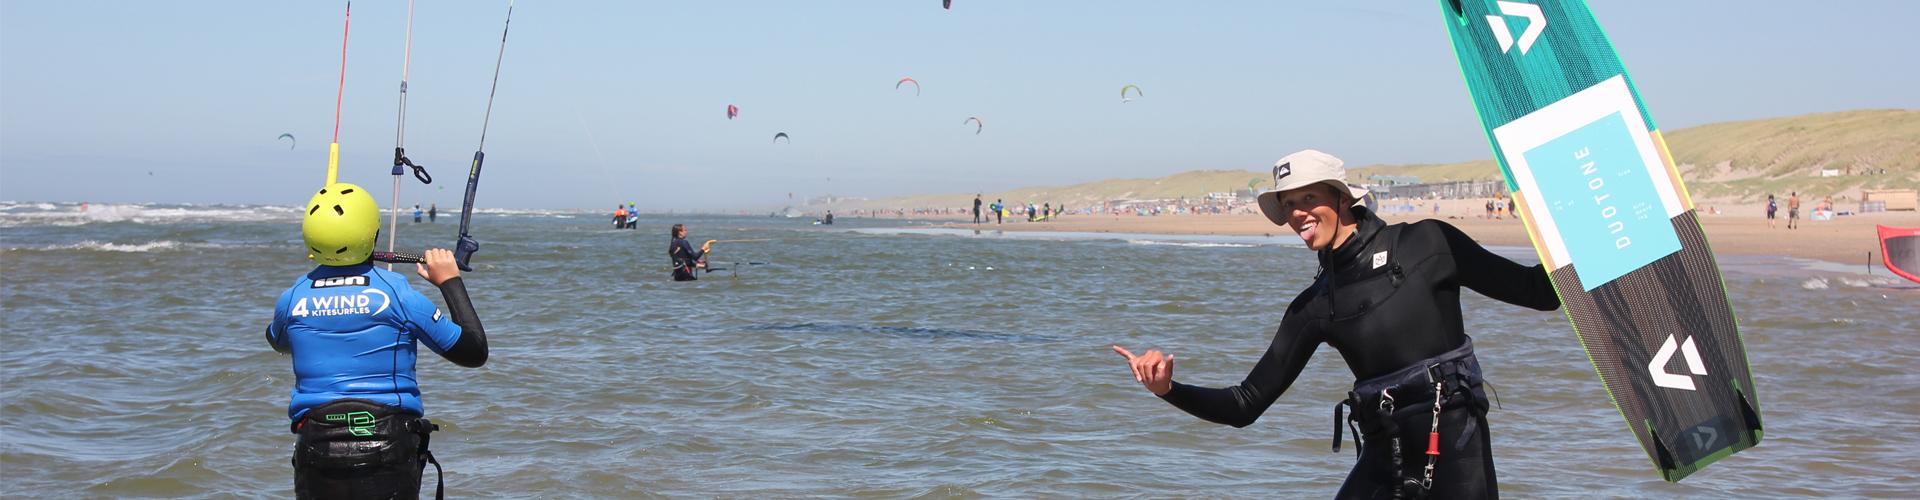 de nummer 1 kitesurfschool van nederland op de mooiste locatie leren kitesurfen